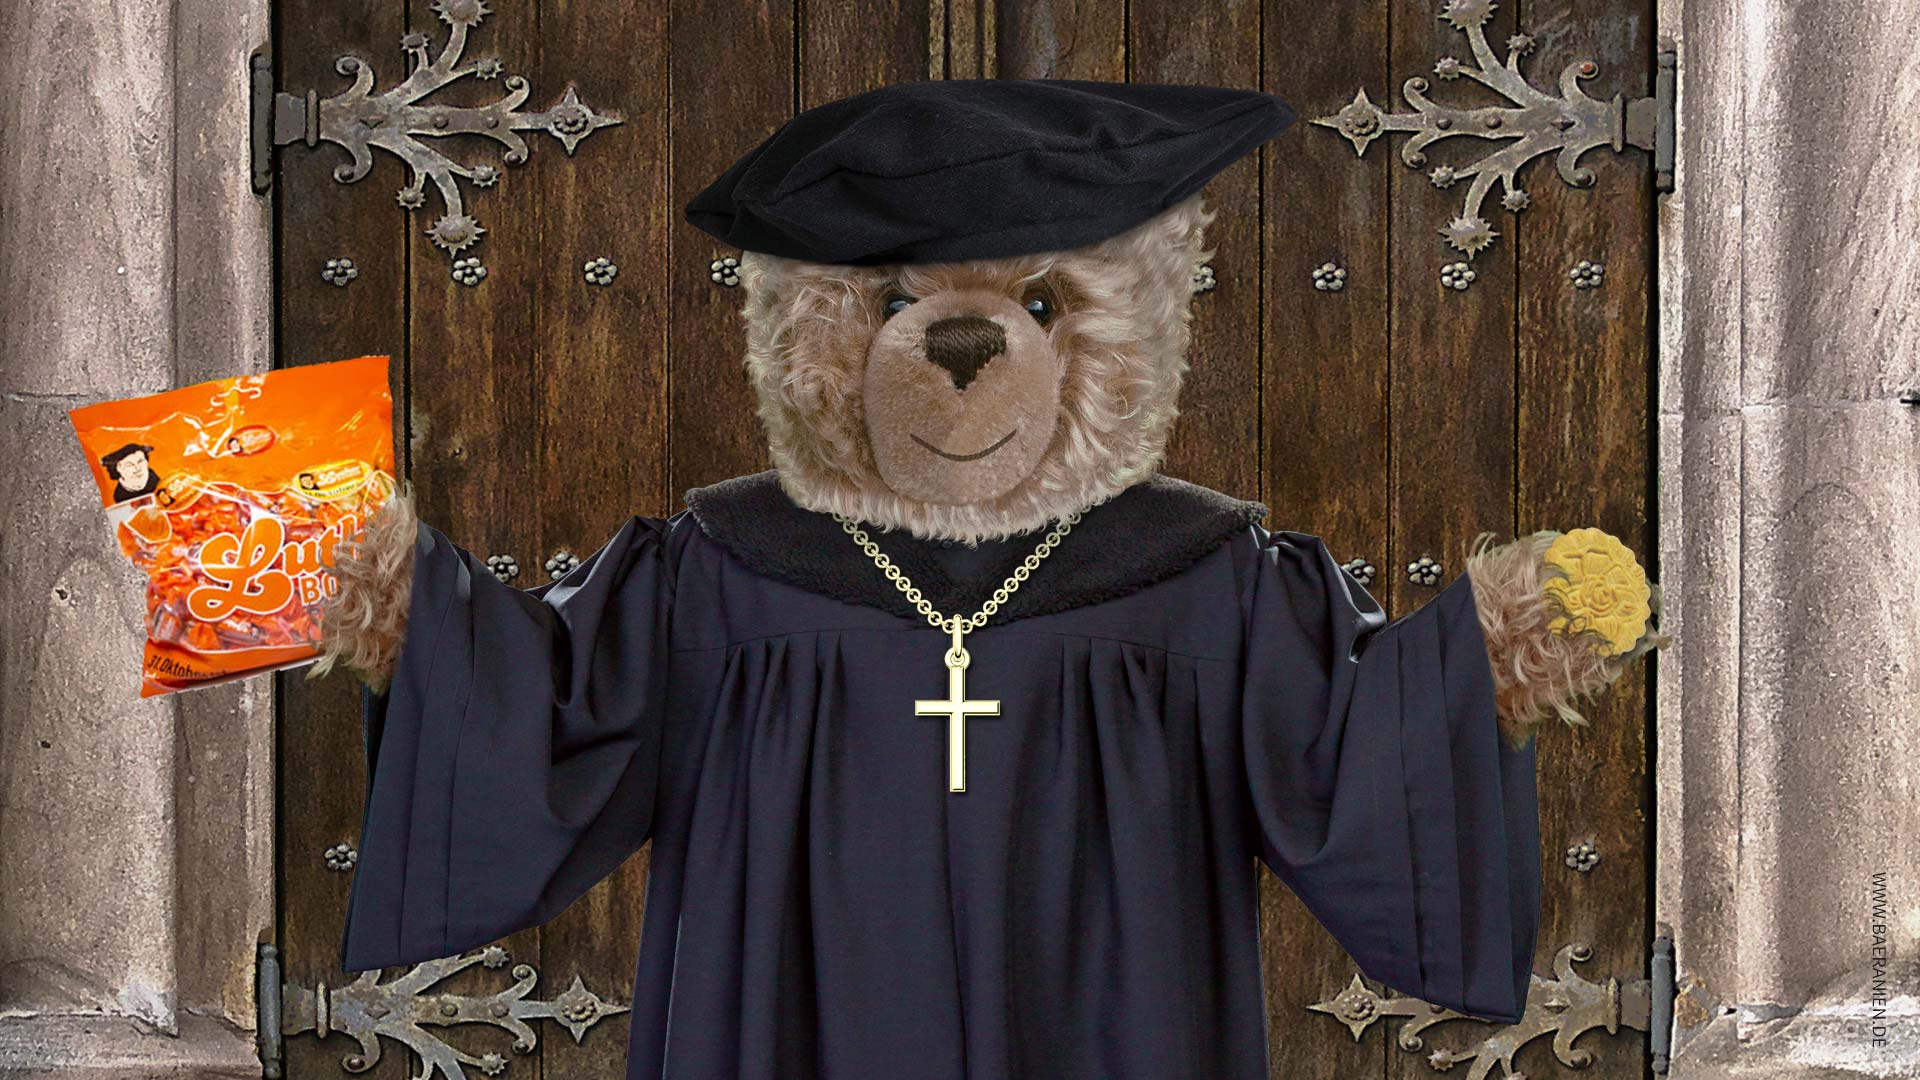 Teddy-König Opa und der Reformationstag